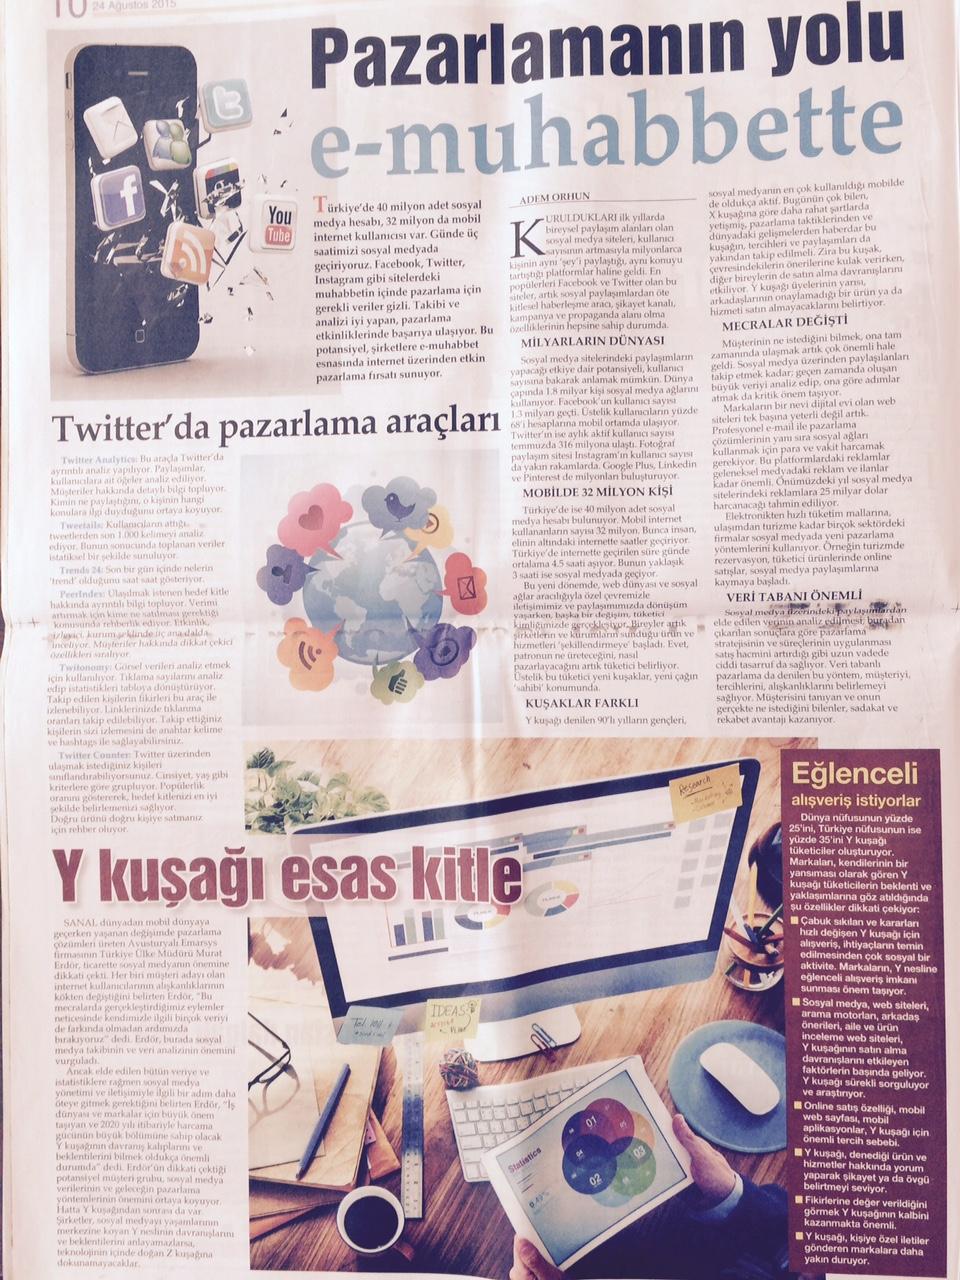 26 - İstanbul Ticaret Odası Gazetesi_muraterdor.com_24.8.2015